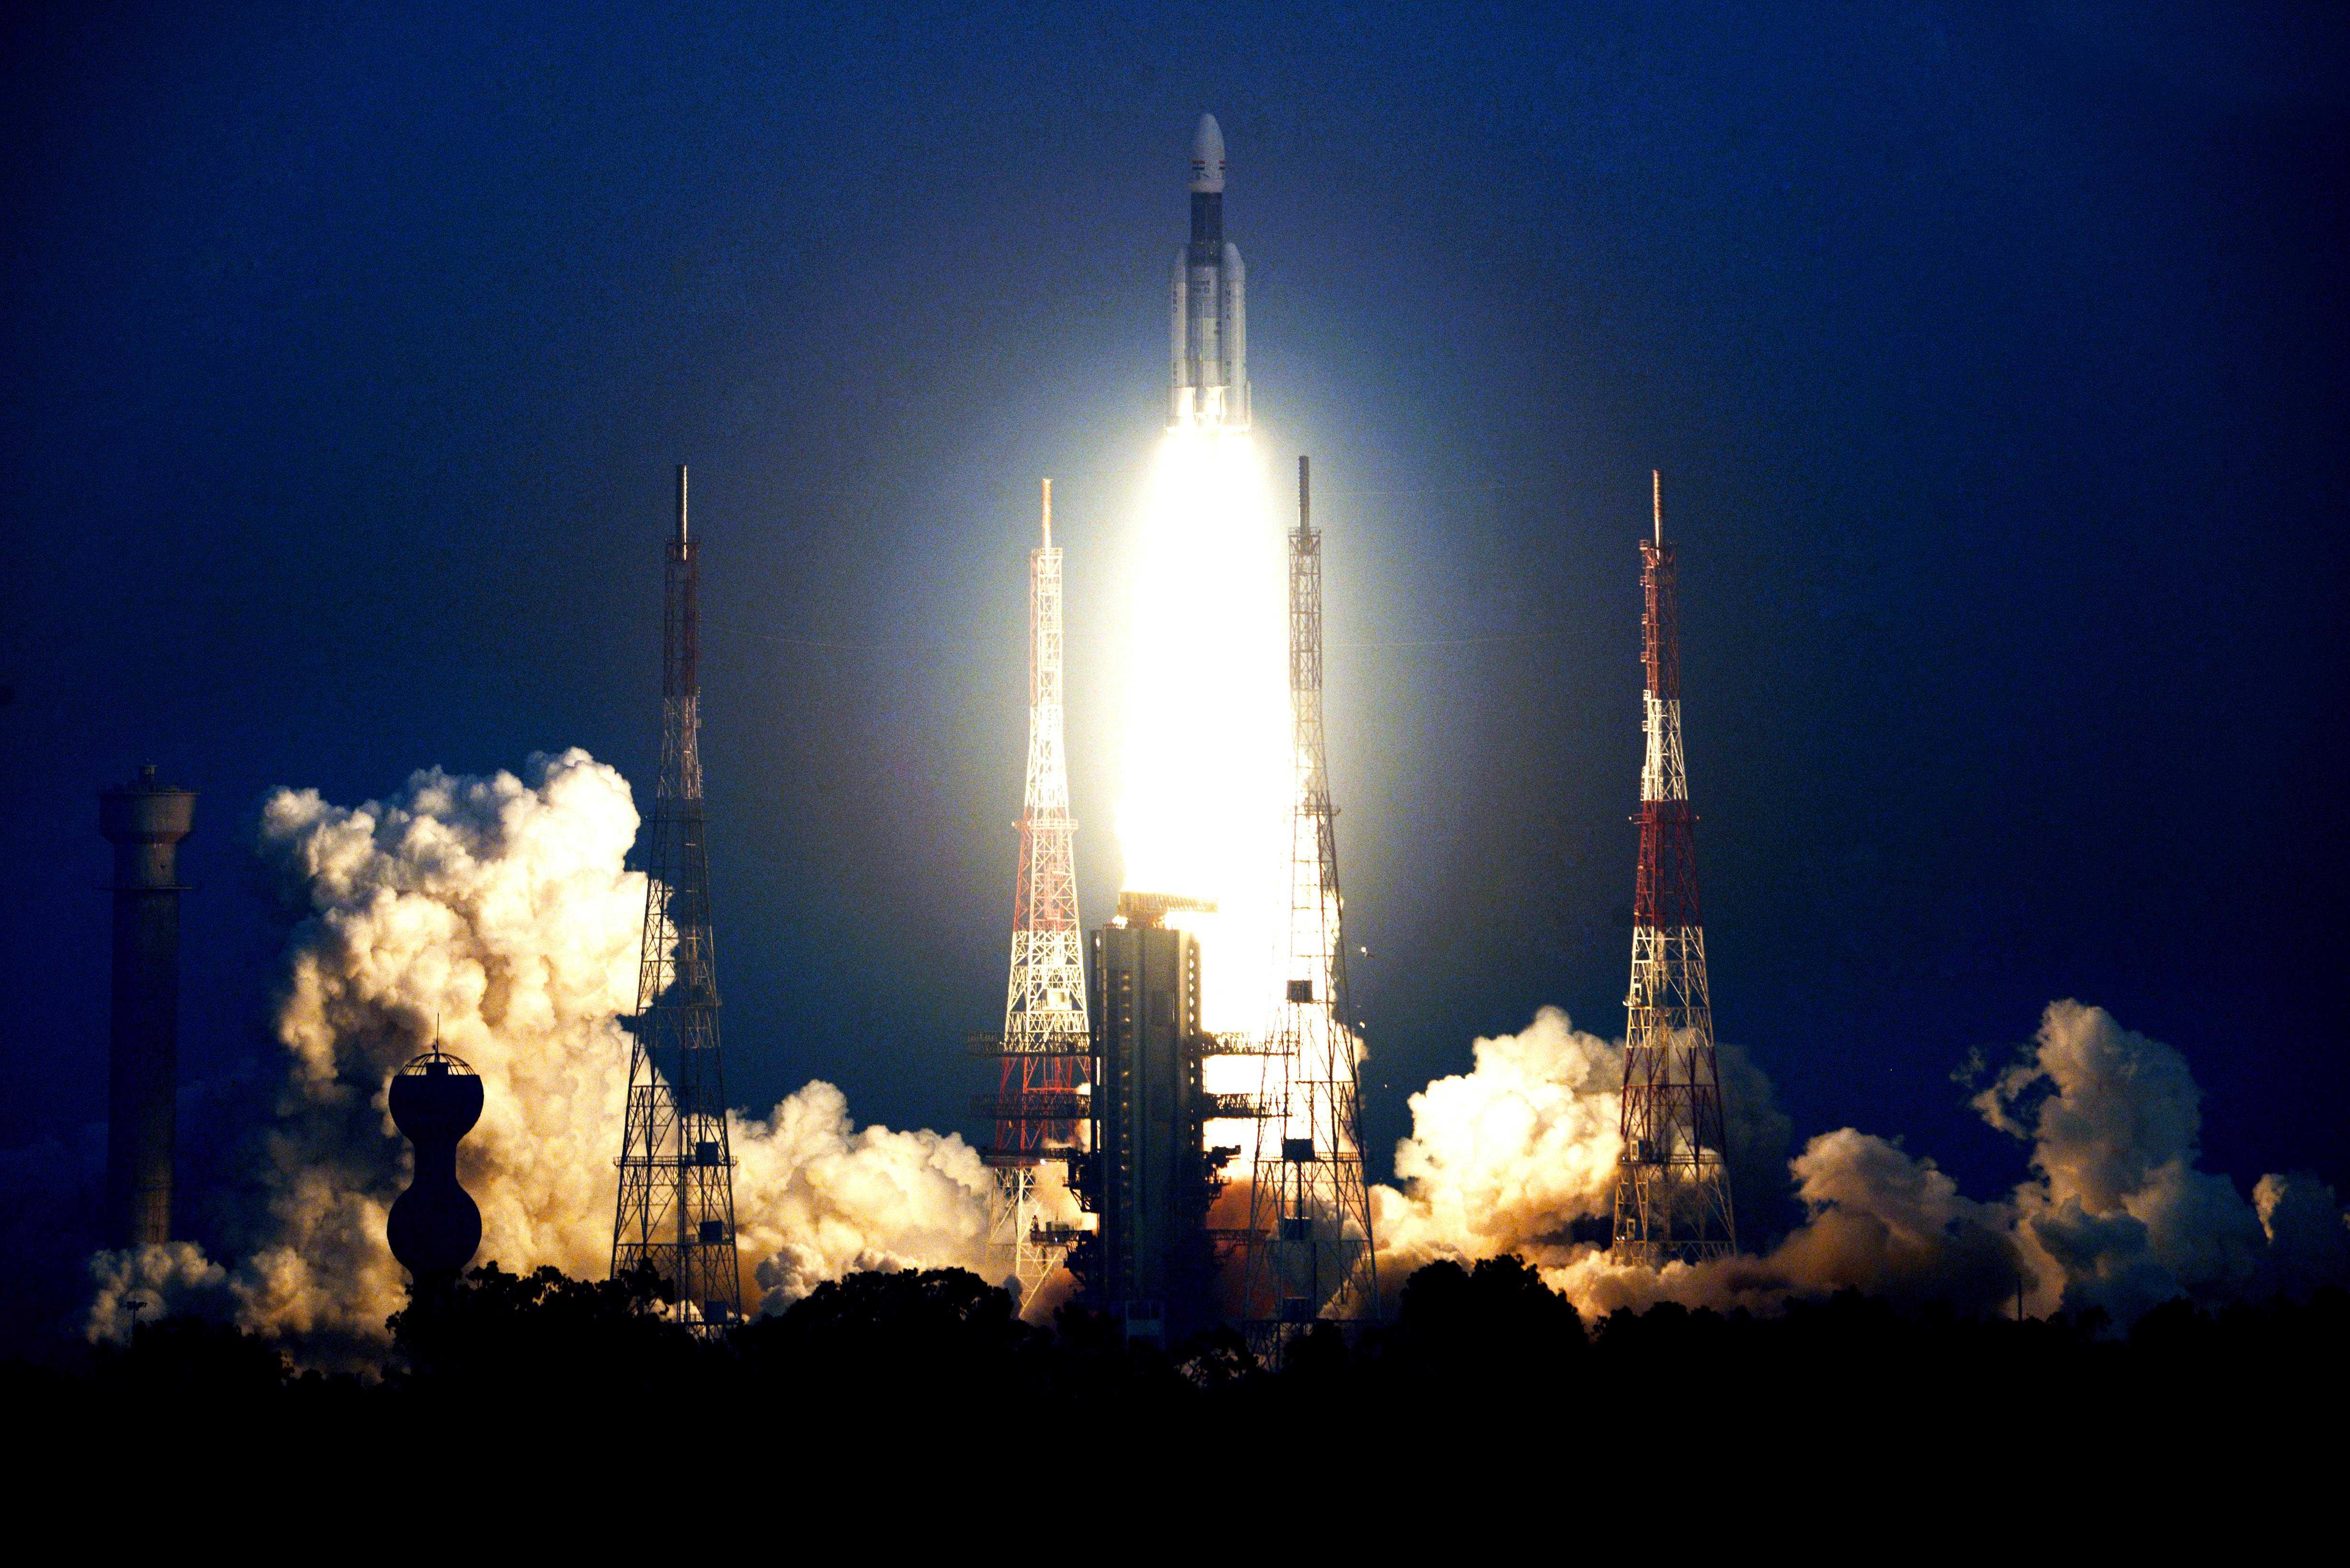 GSLV Mk III-D1 GSAT-29 Nov 2018 (ISRO) launch 2(c)